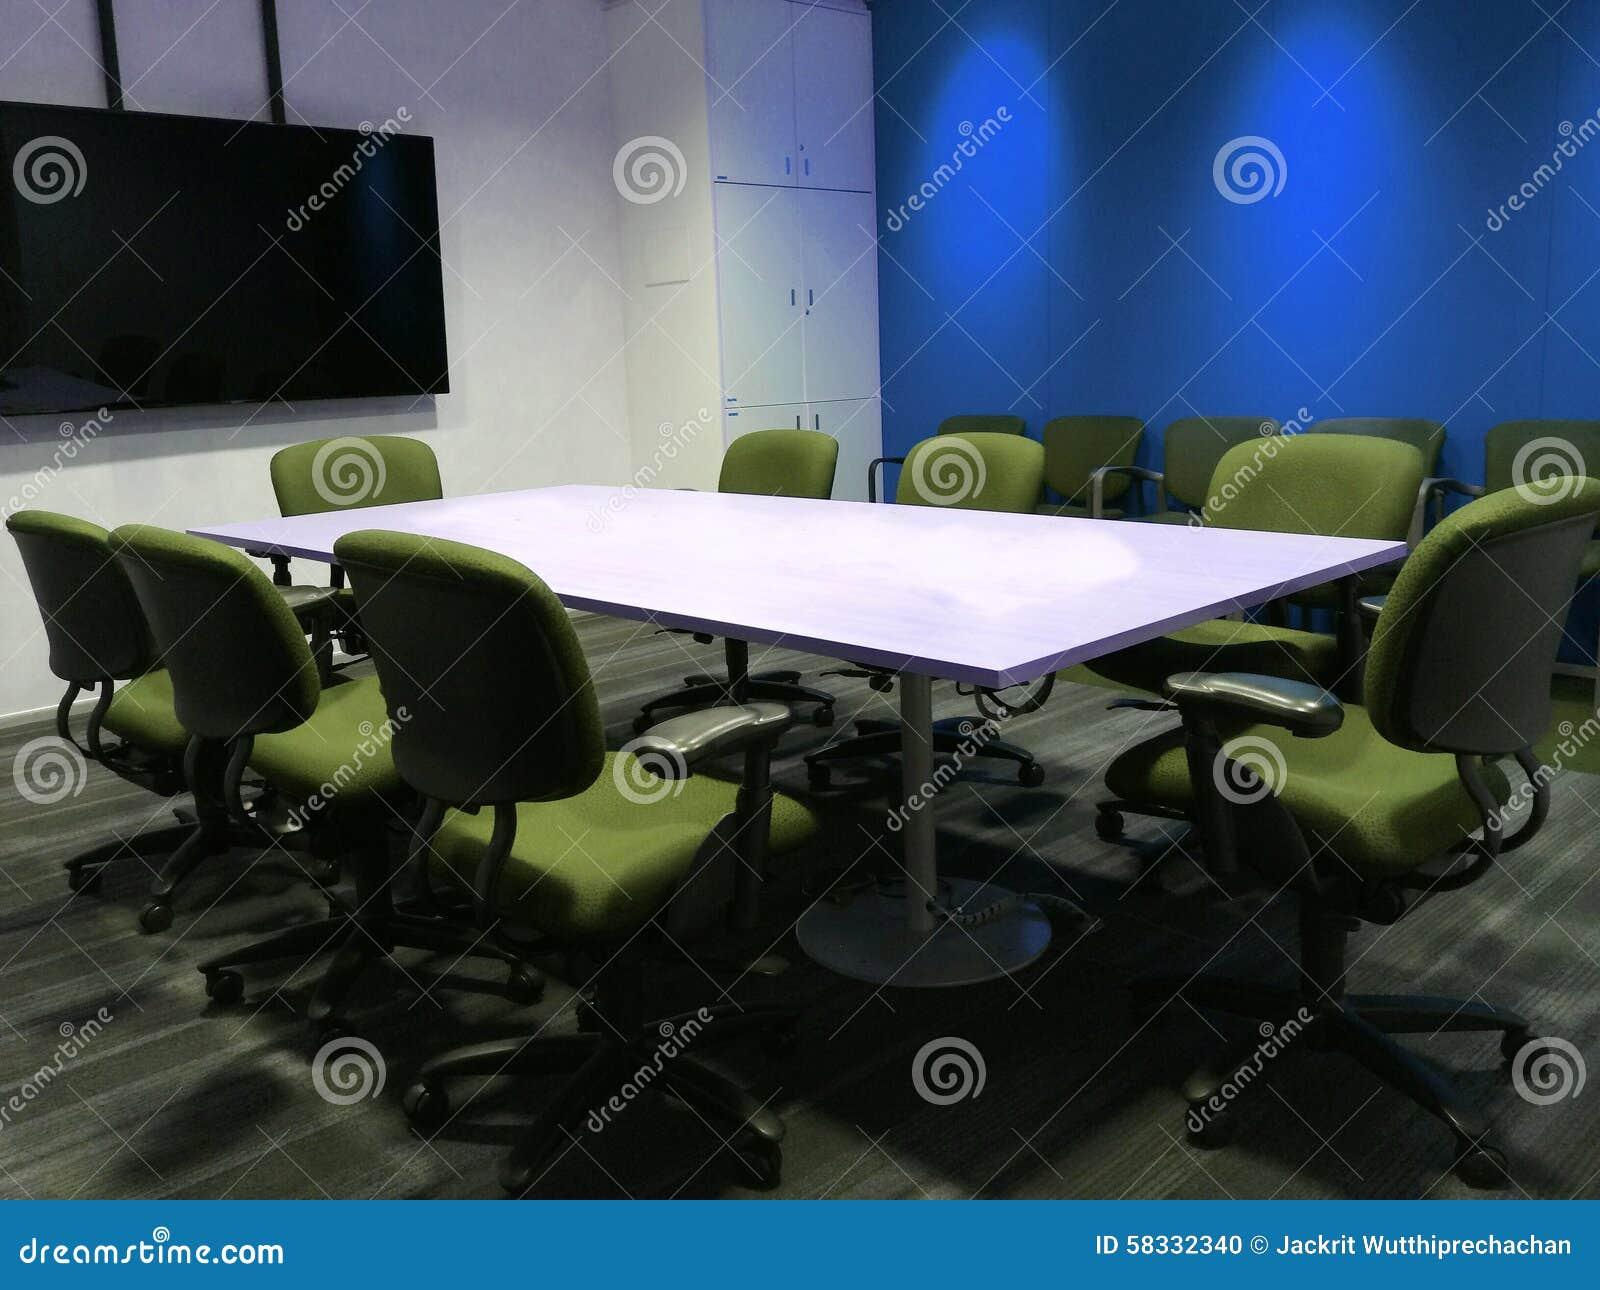 La Sala Riunioni Vuota Con La Tabella Di Conferenza E Le ...